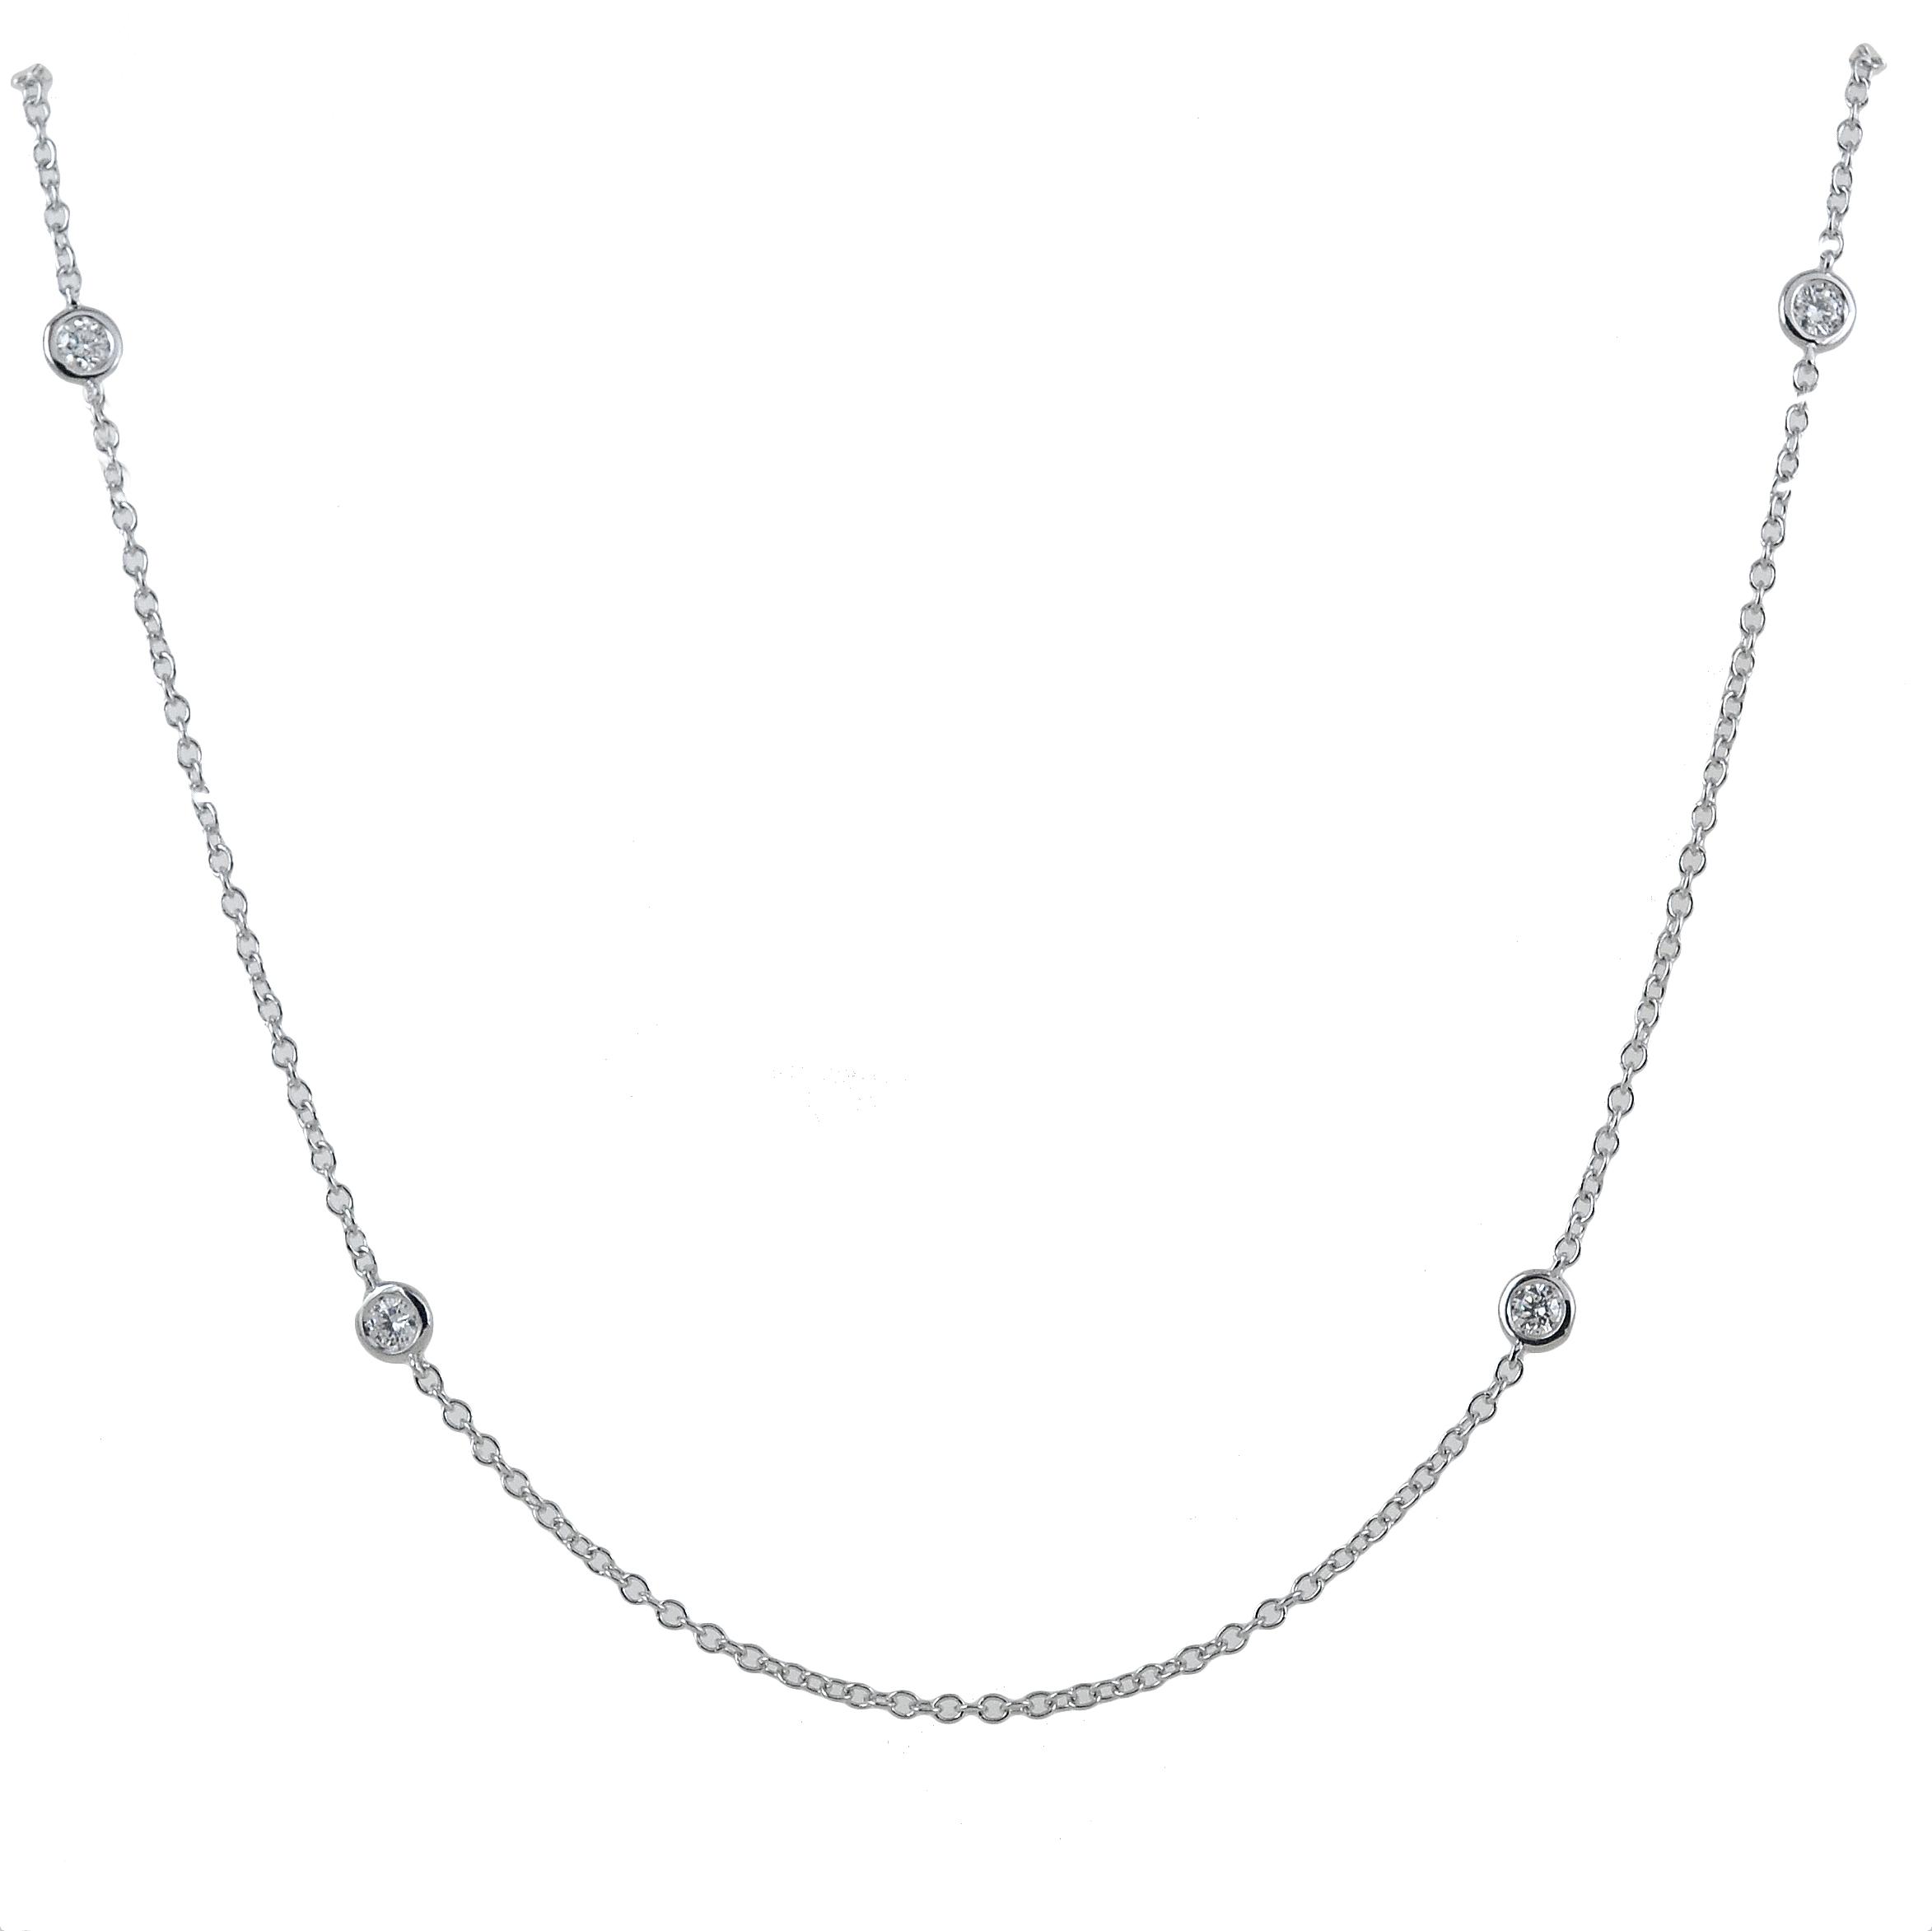 Girocollo con diamanti sparsi sulla collana Gioielli Valenza